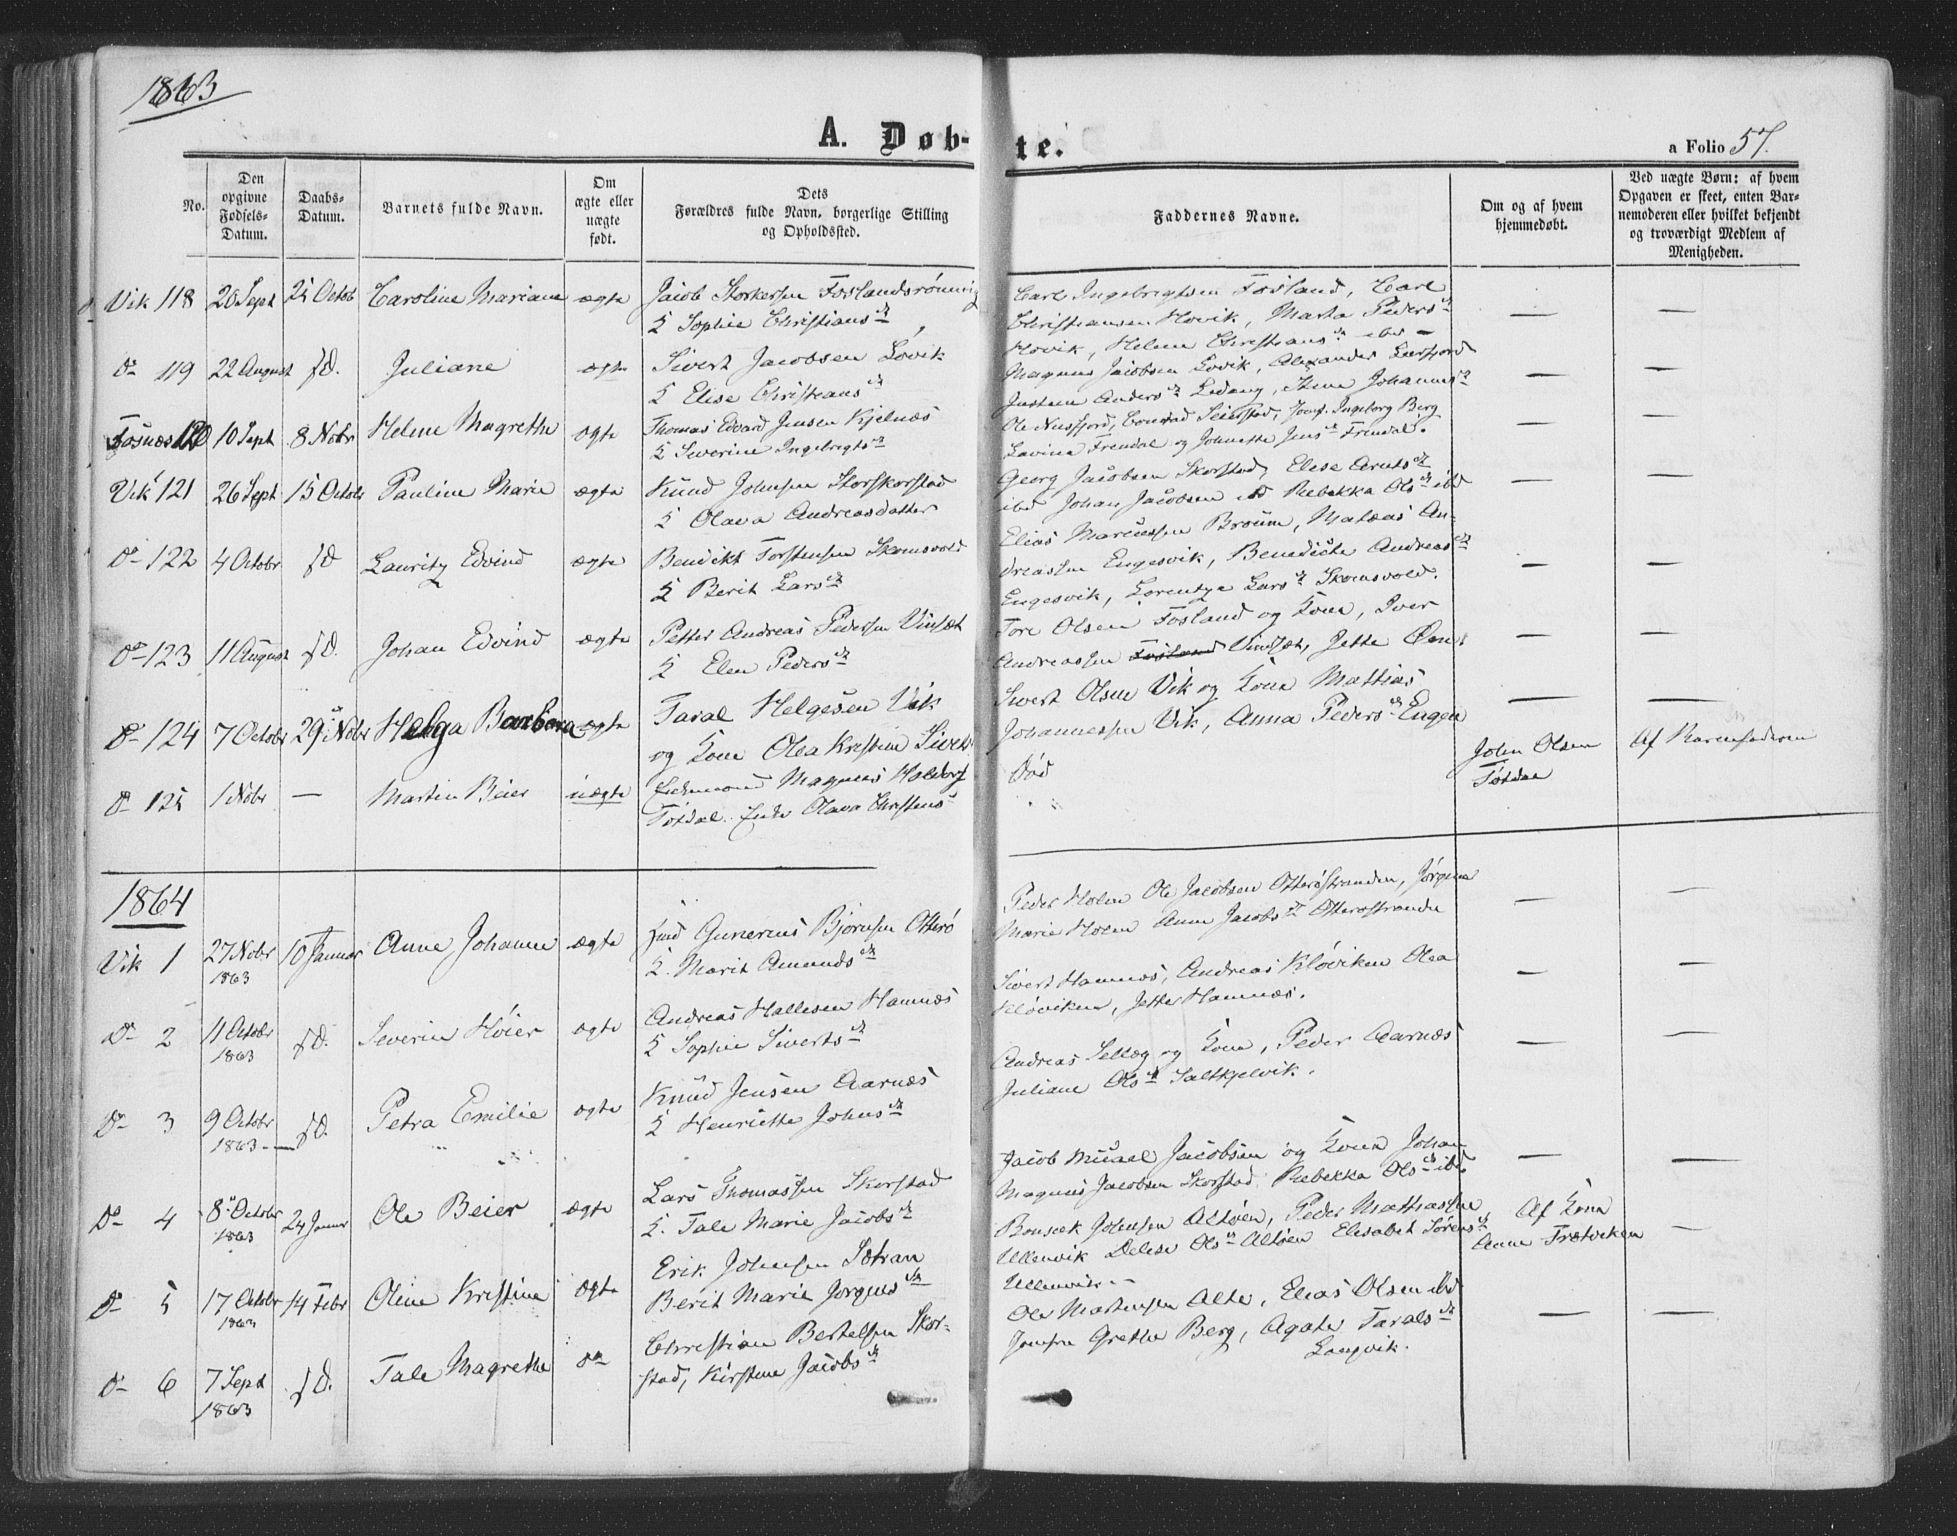 SAT, Ministerialprotokoller, klokkerbøker og fødselsregistre - Nord-Trøndelag, 773/L0615: Ministerialbok nr. 773A06, 1857-1870, s. 57